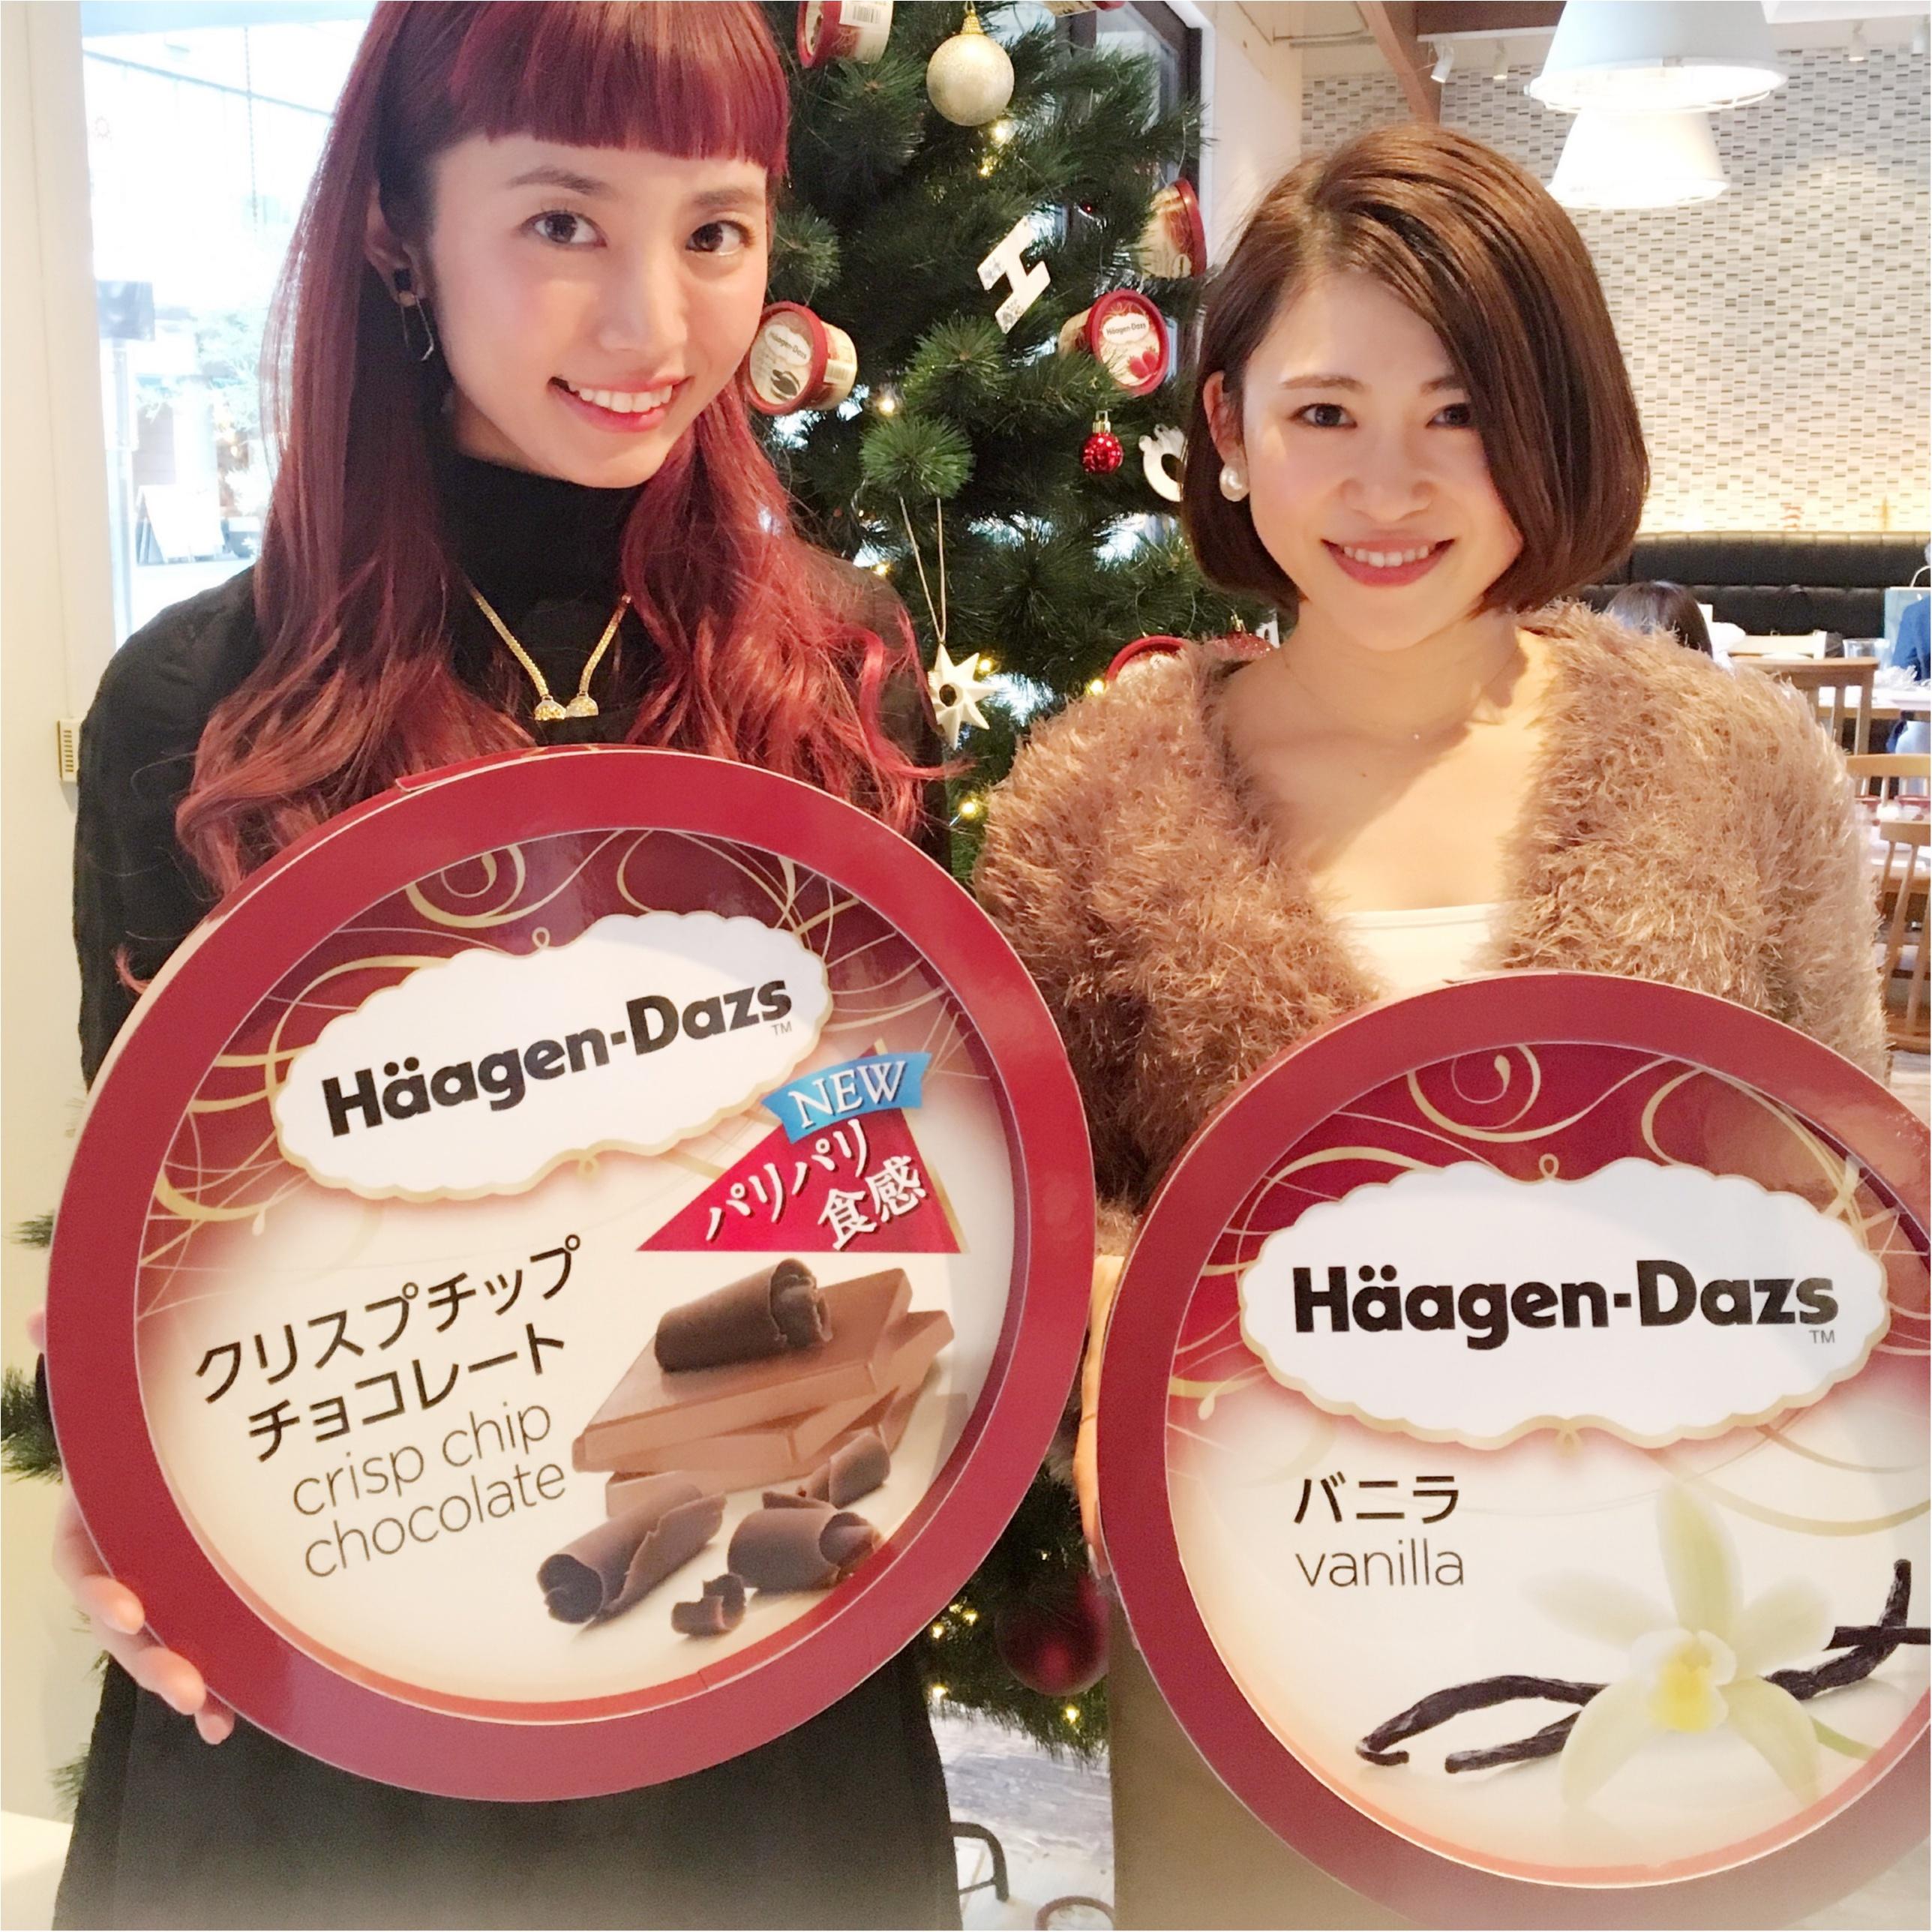 【レポ】12/5発売のあのアイスも先に食べれた『ハーゲンダッツクリスマスパーティー』は倍率250倍⁉︎_3